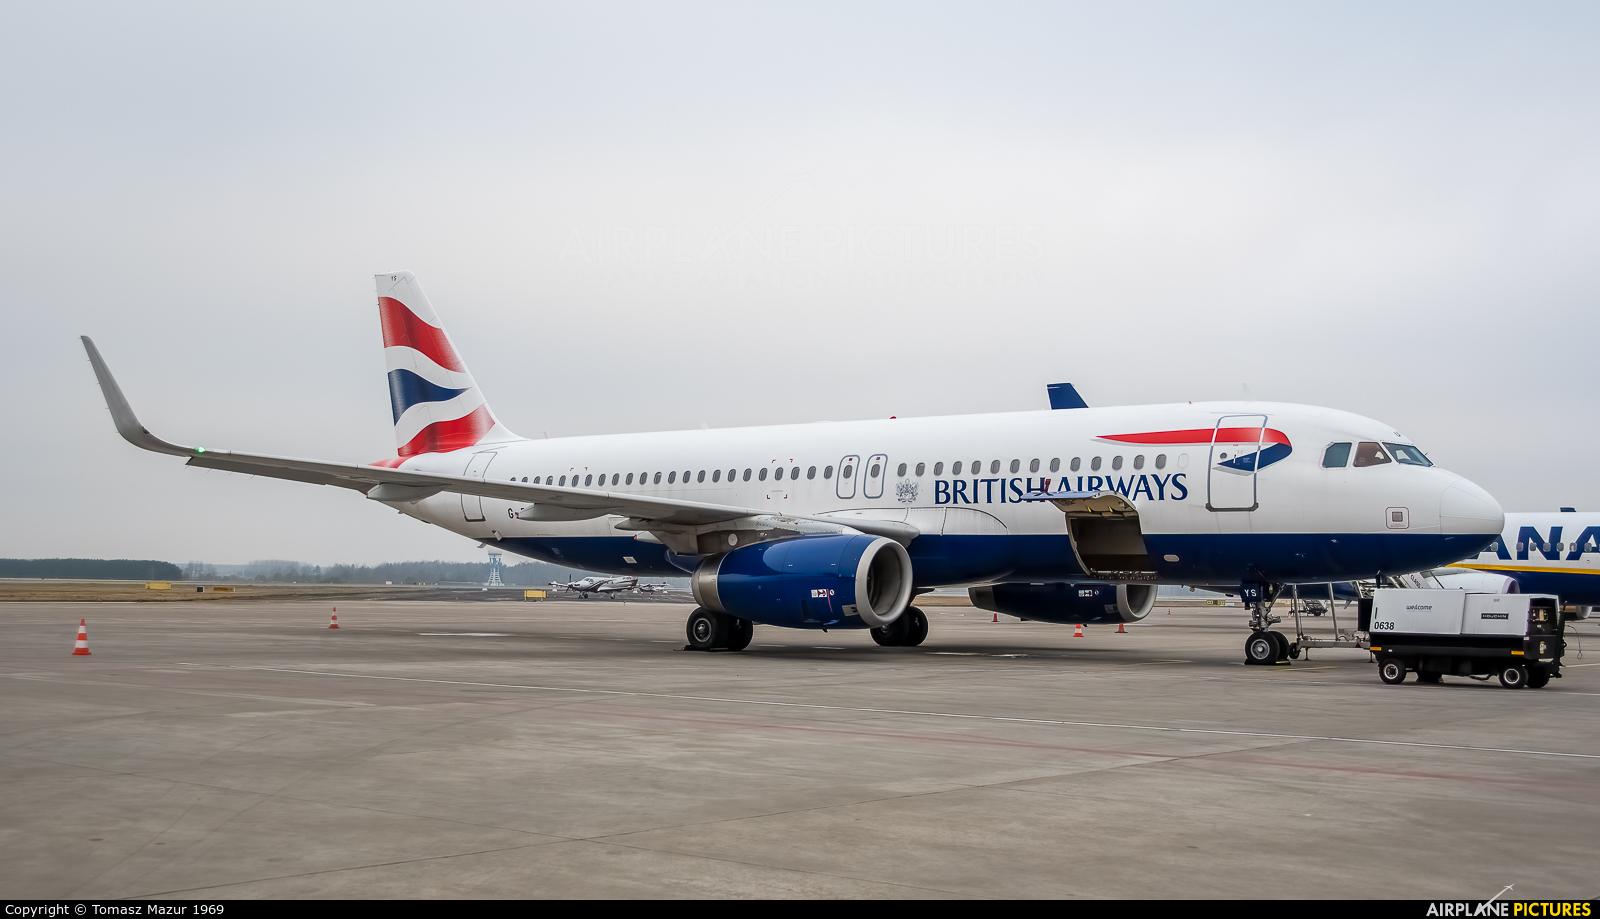 British Airways G-EUYS aircraft at Katowice - Pyrzowice